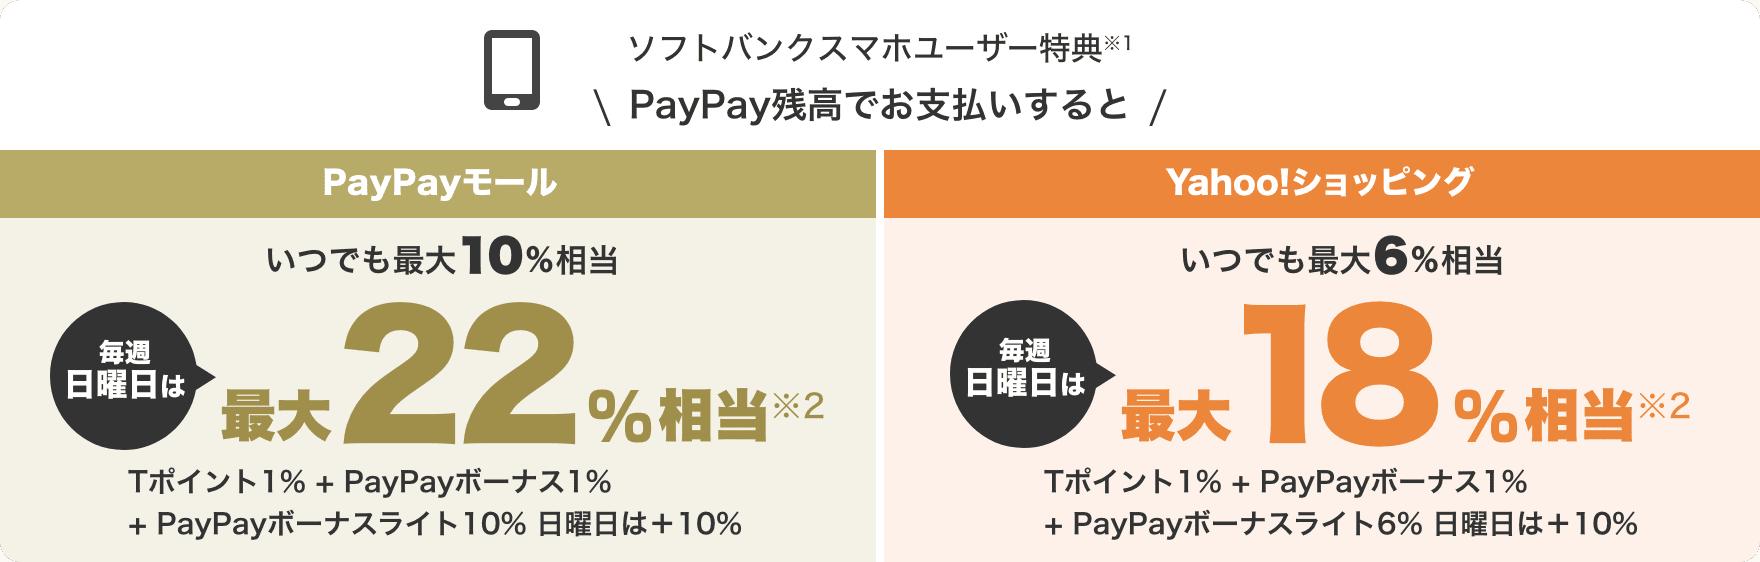 ソフトバンクスマホユーザー特典(※1) PayPay残高でお支払いするとPayPayモールいつでも最大10%相当毎週日曜日は最大22%相当(※2)Tポイント1%+PayPayボーナス1%+PayPayボーナスライト10%日曜日はソフトバンクユーザー特典で+PayPayボーナスライト10% Yahoo!ショッピングいつでも最大6%相当毎週日曜日は最大18%相当(※2)Tポイント1%+PayPayボーナス1%+PayPayボーナスライト6%日曜日はソフトバンクユーザー特典でPayPayボーナスライト+10%